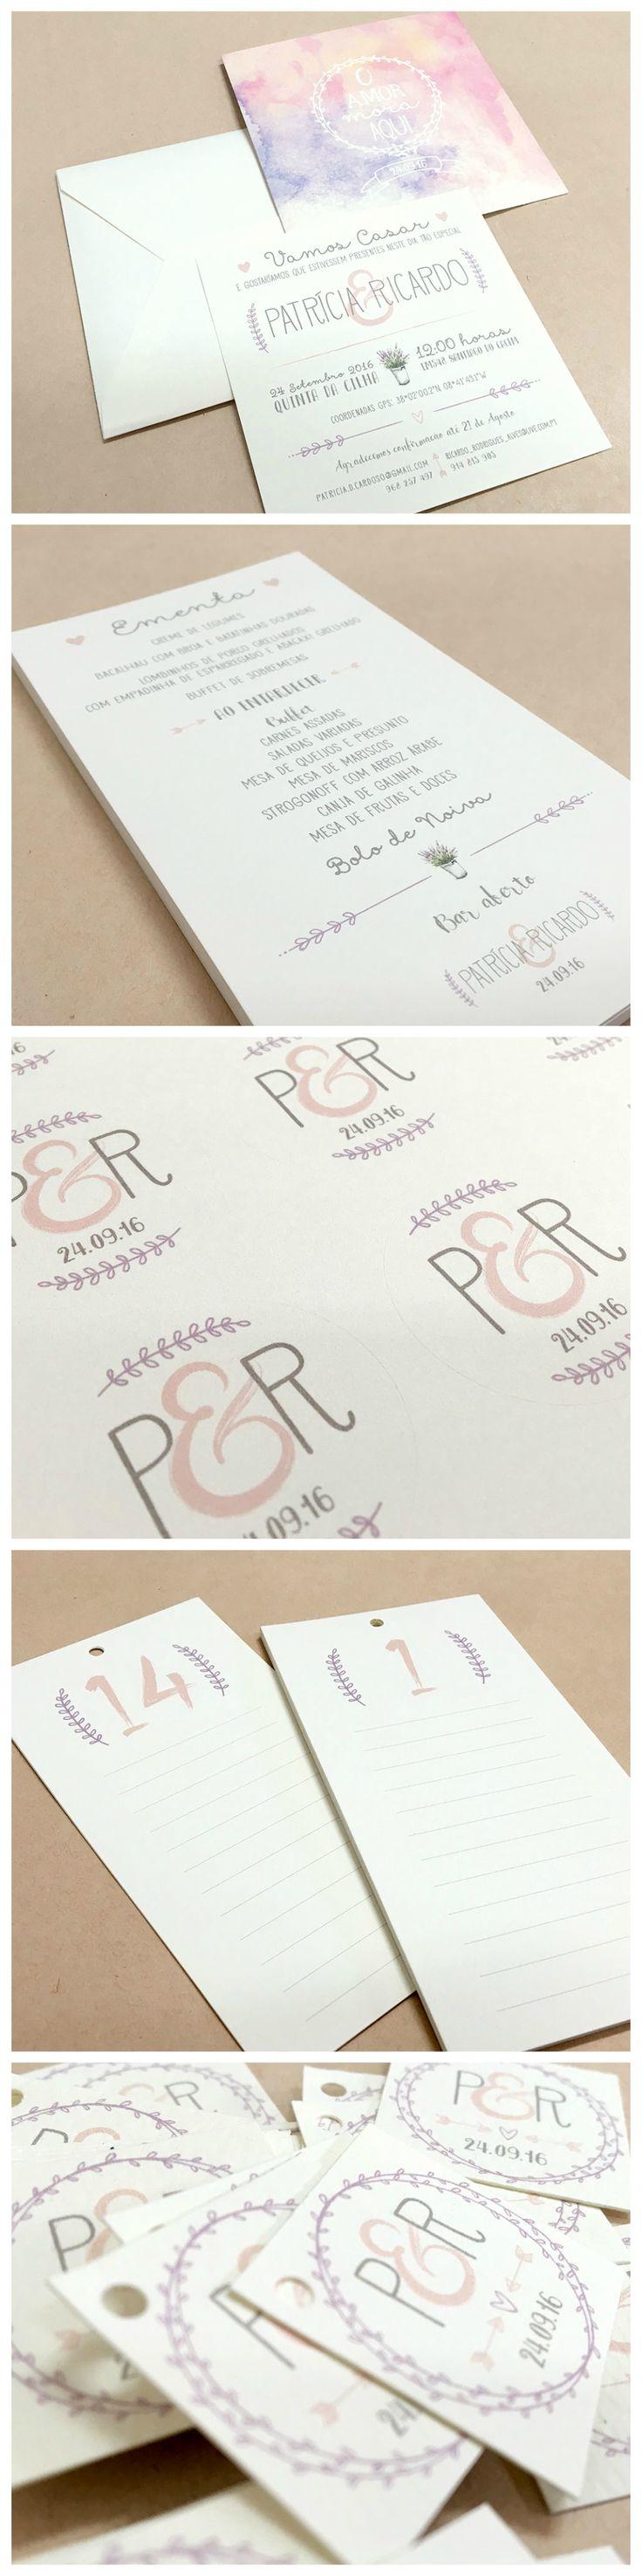 Estacionário personalizado para casamento da Patrícia e Ricardo: convites, ementas, stickers, etiquetas e listas de mesas.  #beapaper #estacionáriocasamento #designgráfico #weddingstationary #lettringinvitation #romanticwedding #watercolour #menus